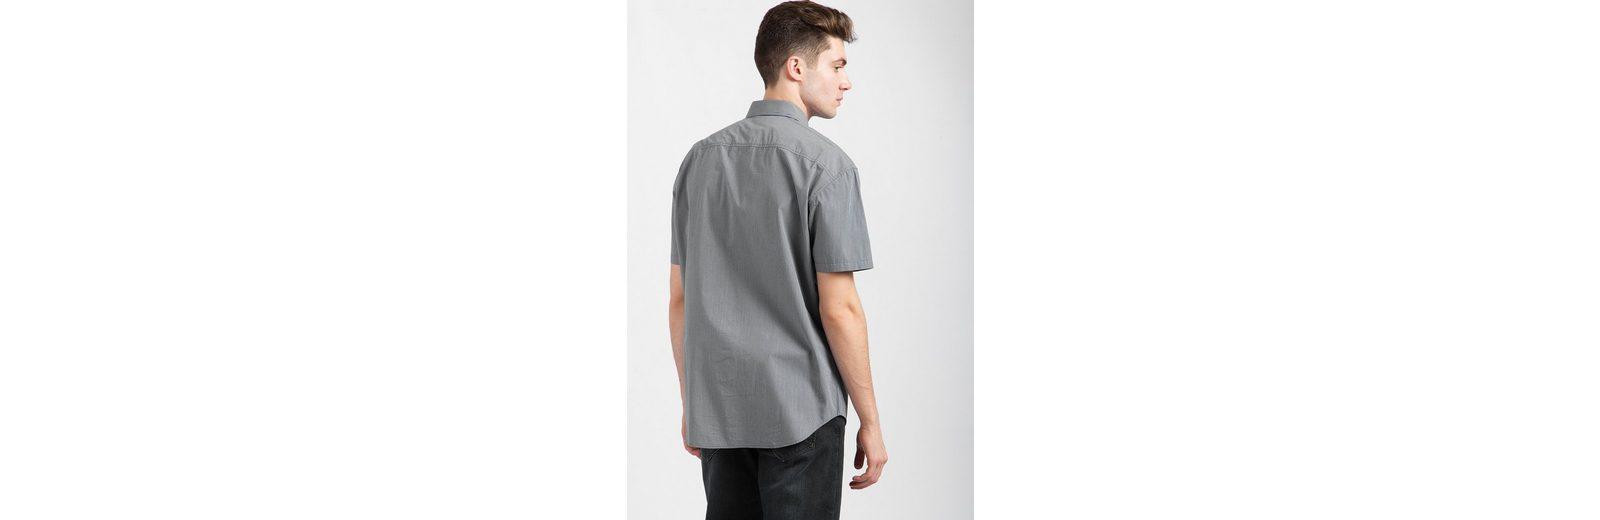 Finn Flare Freizeithemd mit Karomuster Größte Anbieter Günstig Online Kaufen Sie Günstig Online Manchester Große Online-Verkauf Qjkb7i